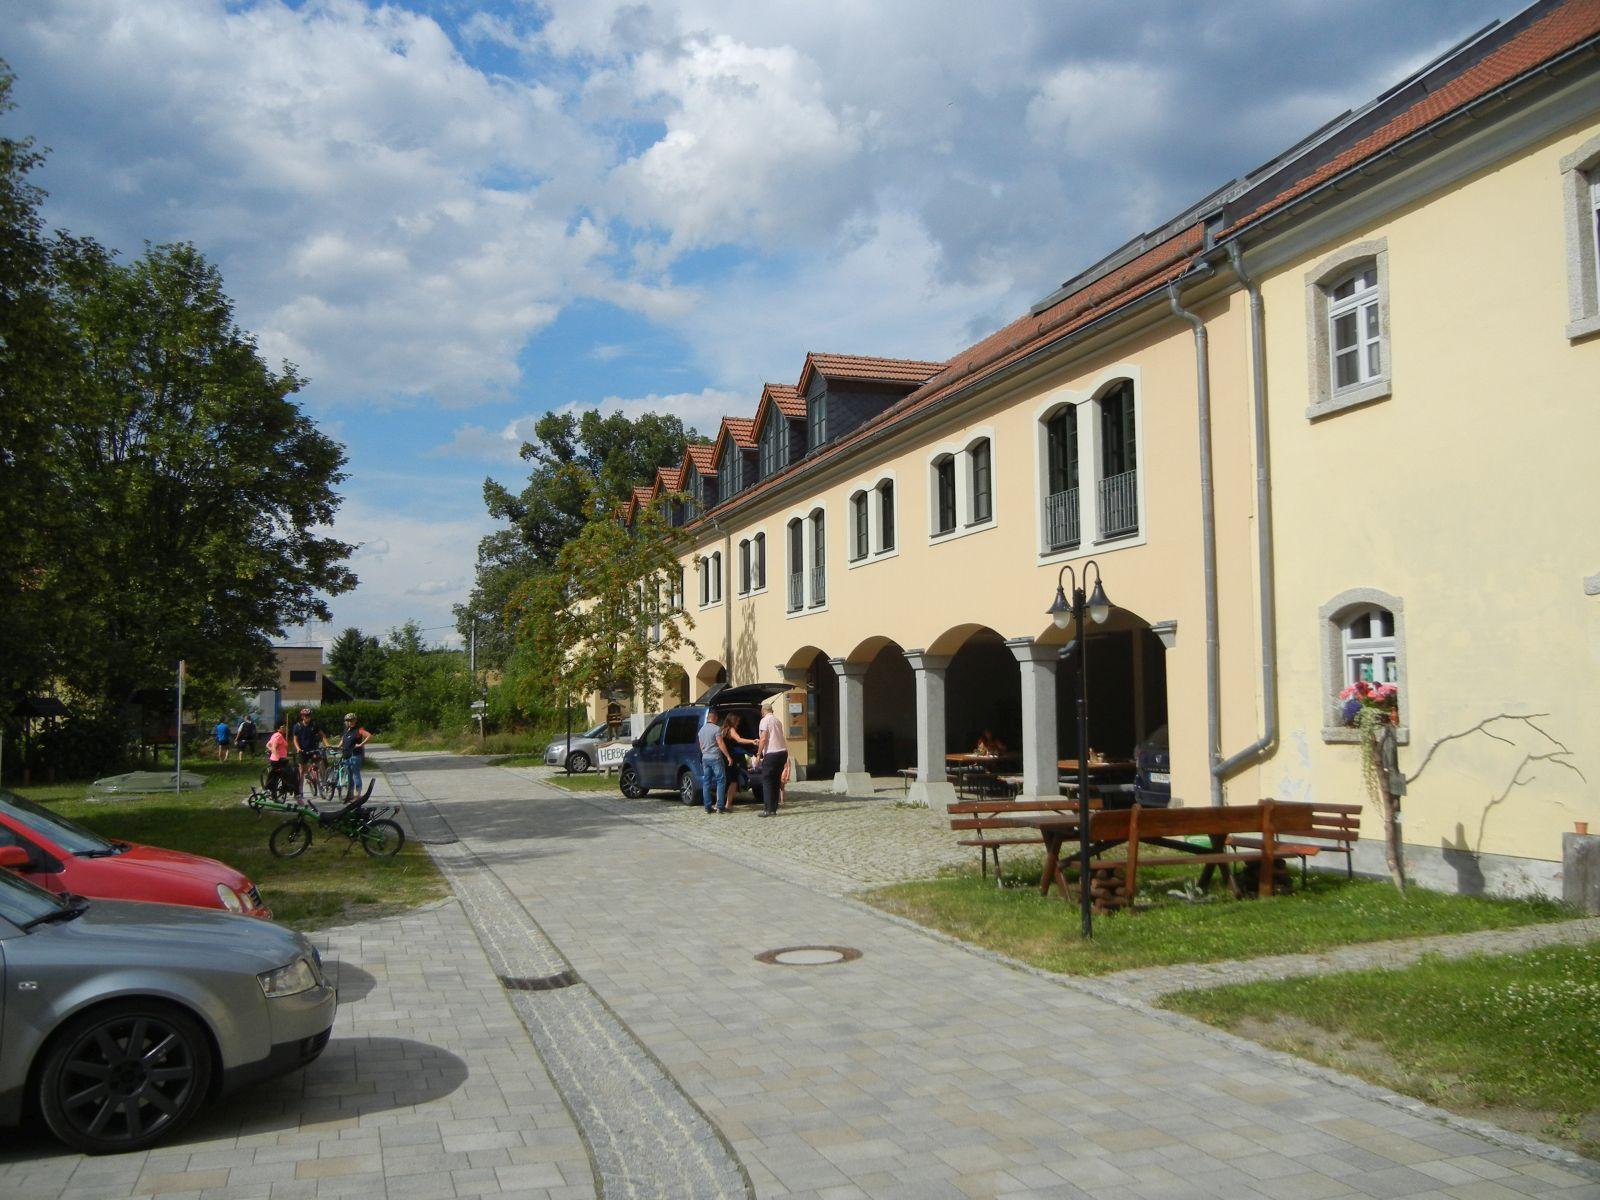 Herberge, Laden, Umweltzentrum etc. in Unterlauterbach